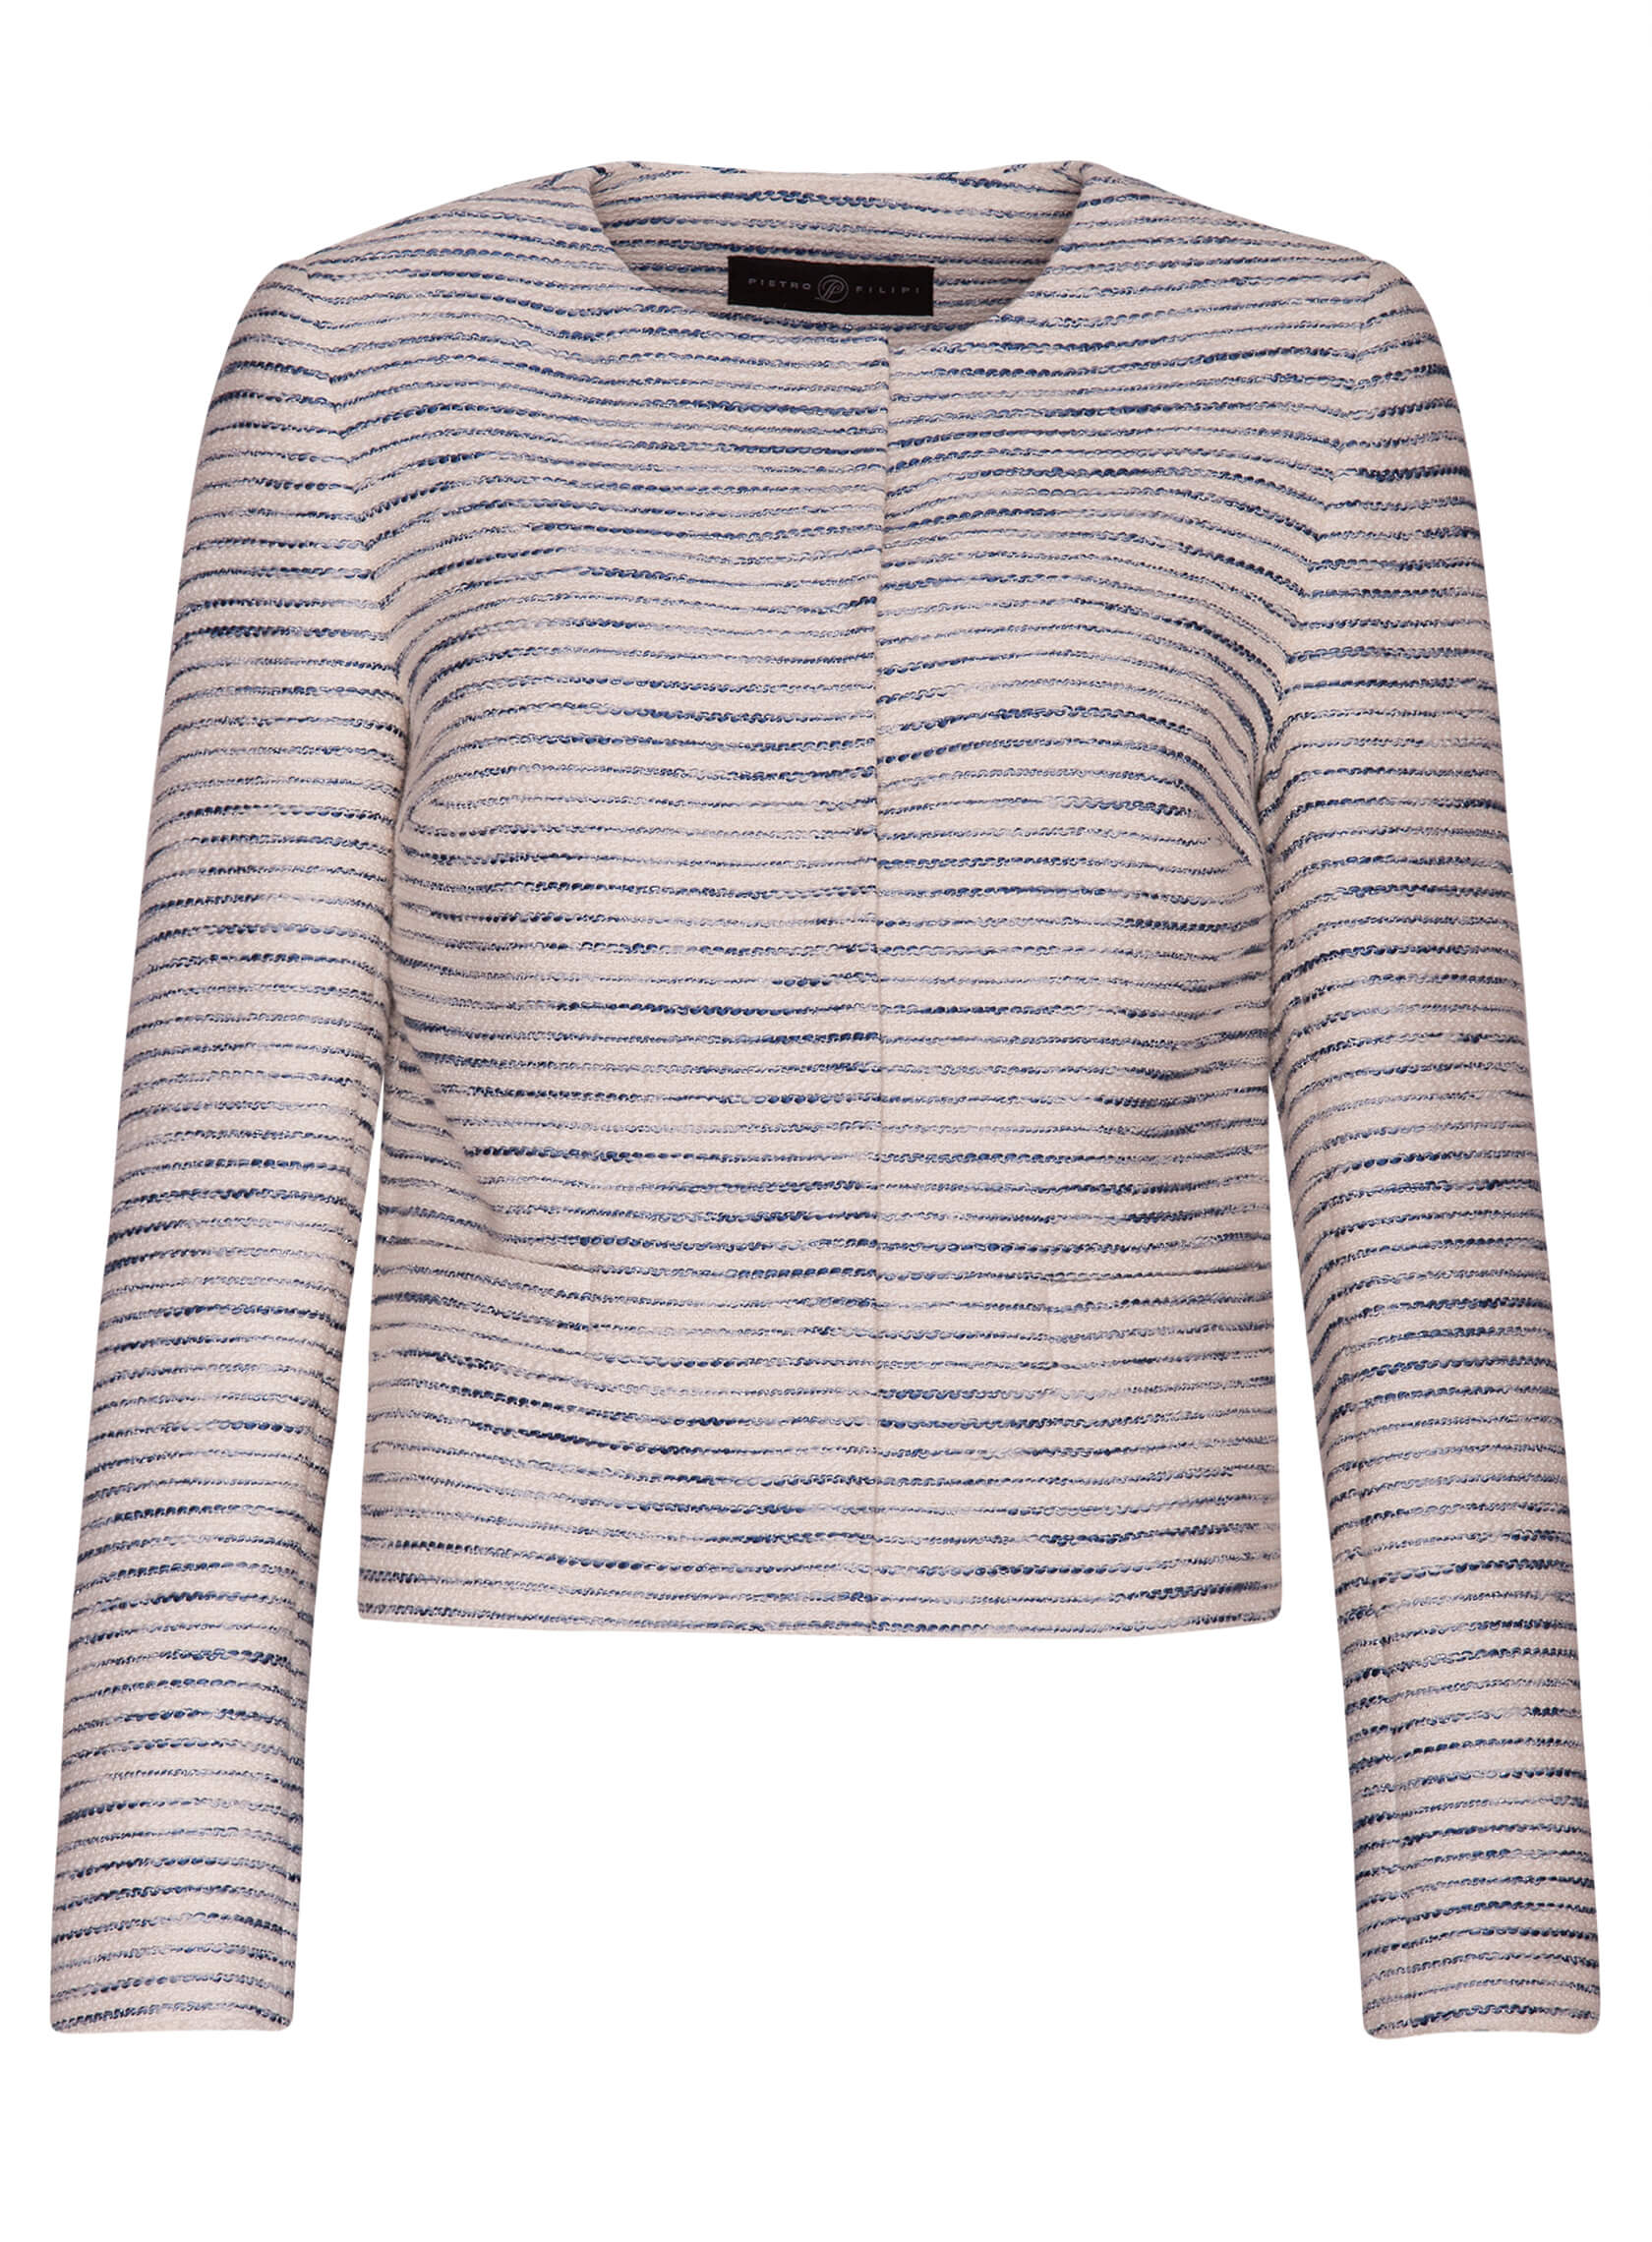 f7d440479e9b Definovať klasický a elegantný odev na výhradne súkromné či pracovné účely  nie je ľahká úloha. Žijeme však vo veľmi uvoľnenej dobe